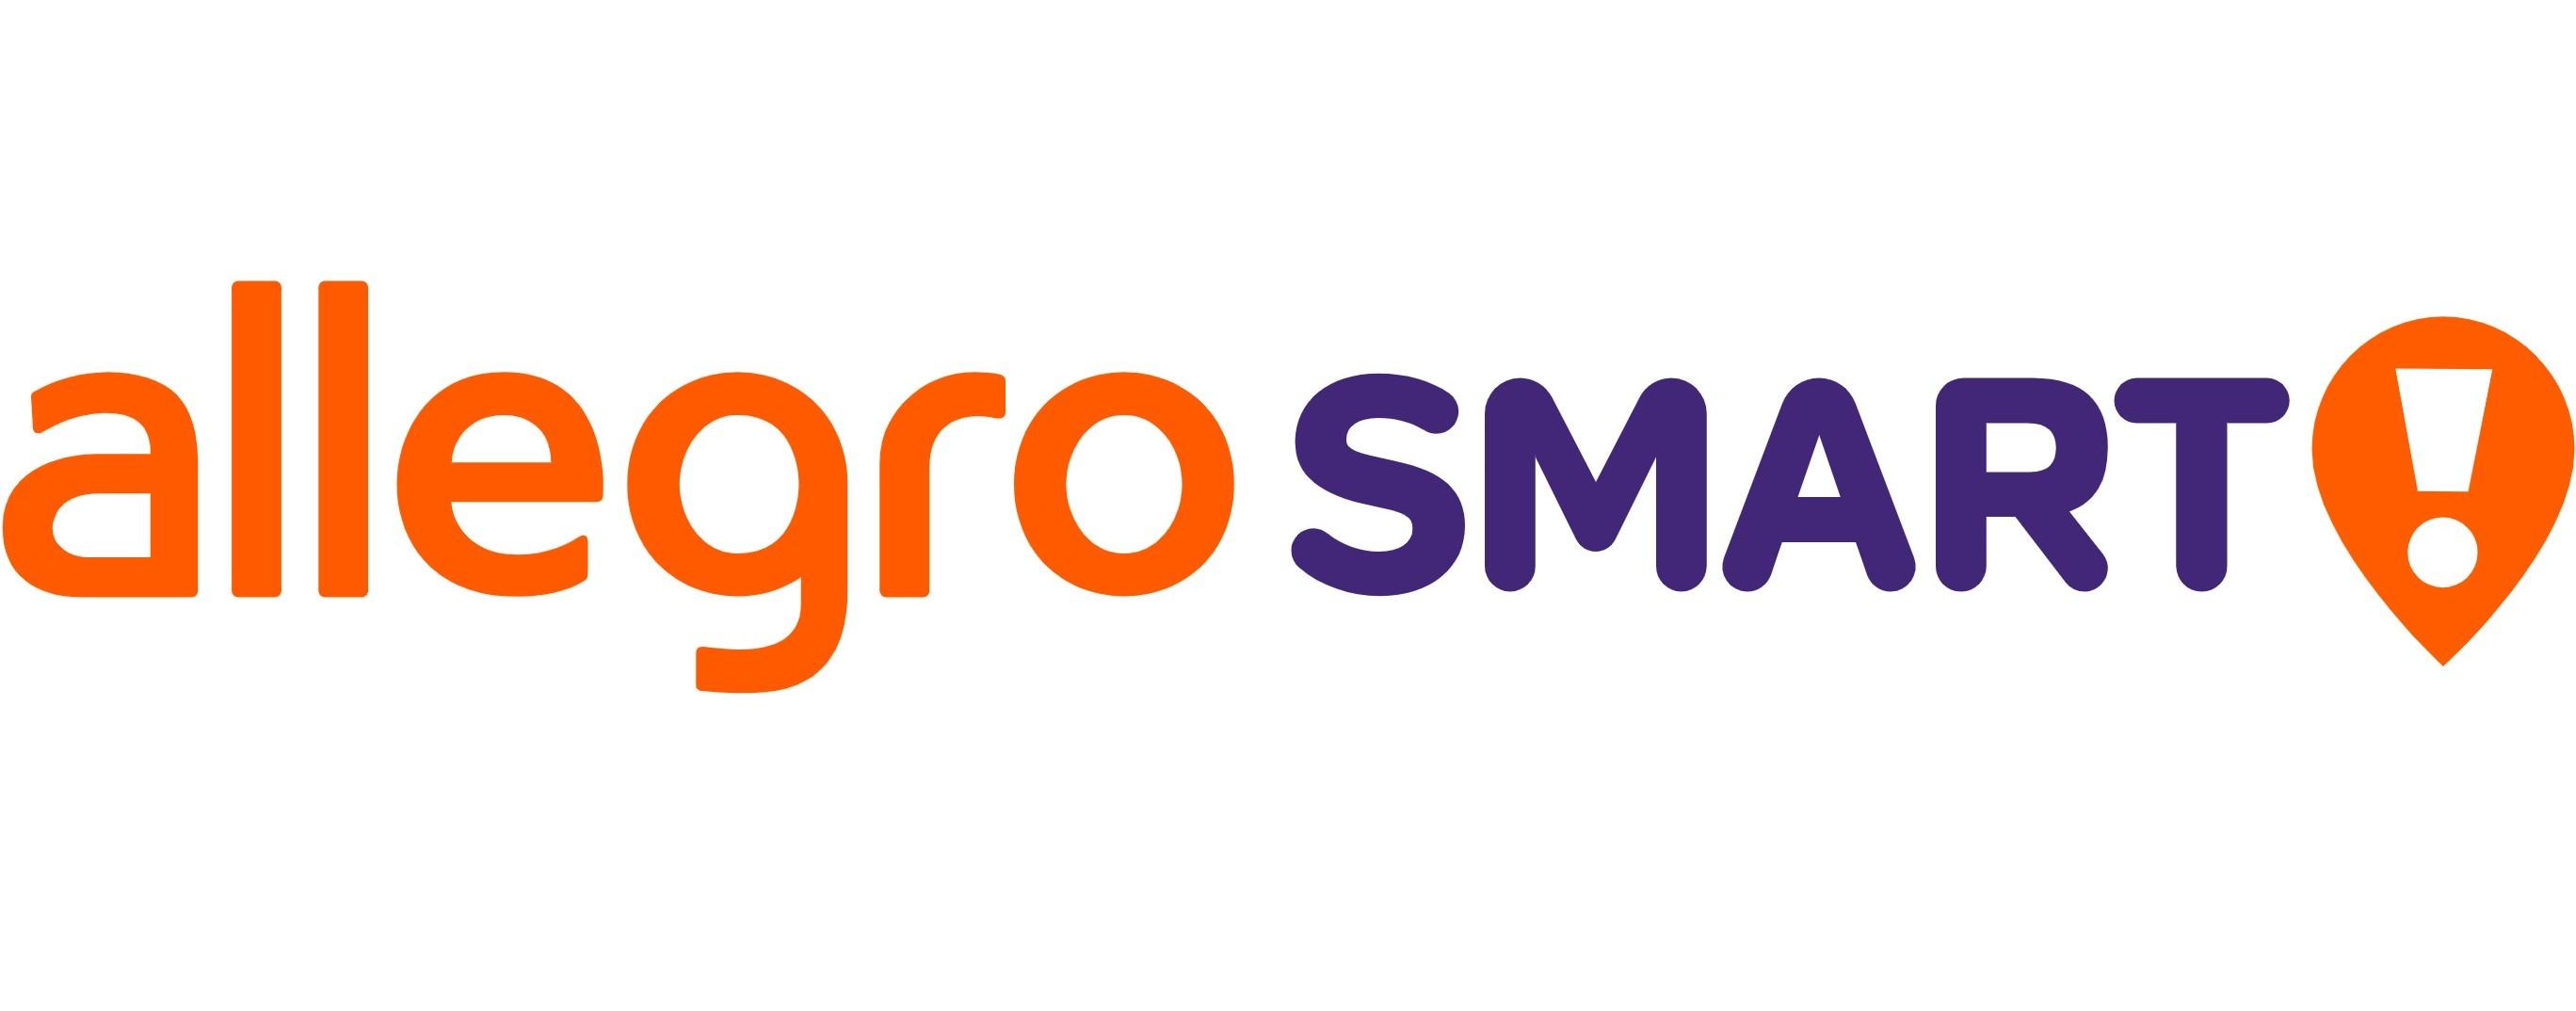 Warto zarejestrować się w Allegro Smart już teraz. Miesiąc za darmo dla nowych użytkowników!